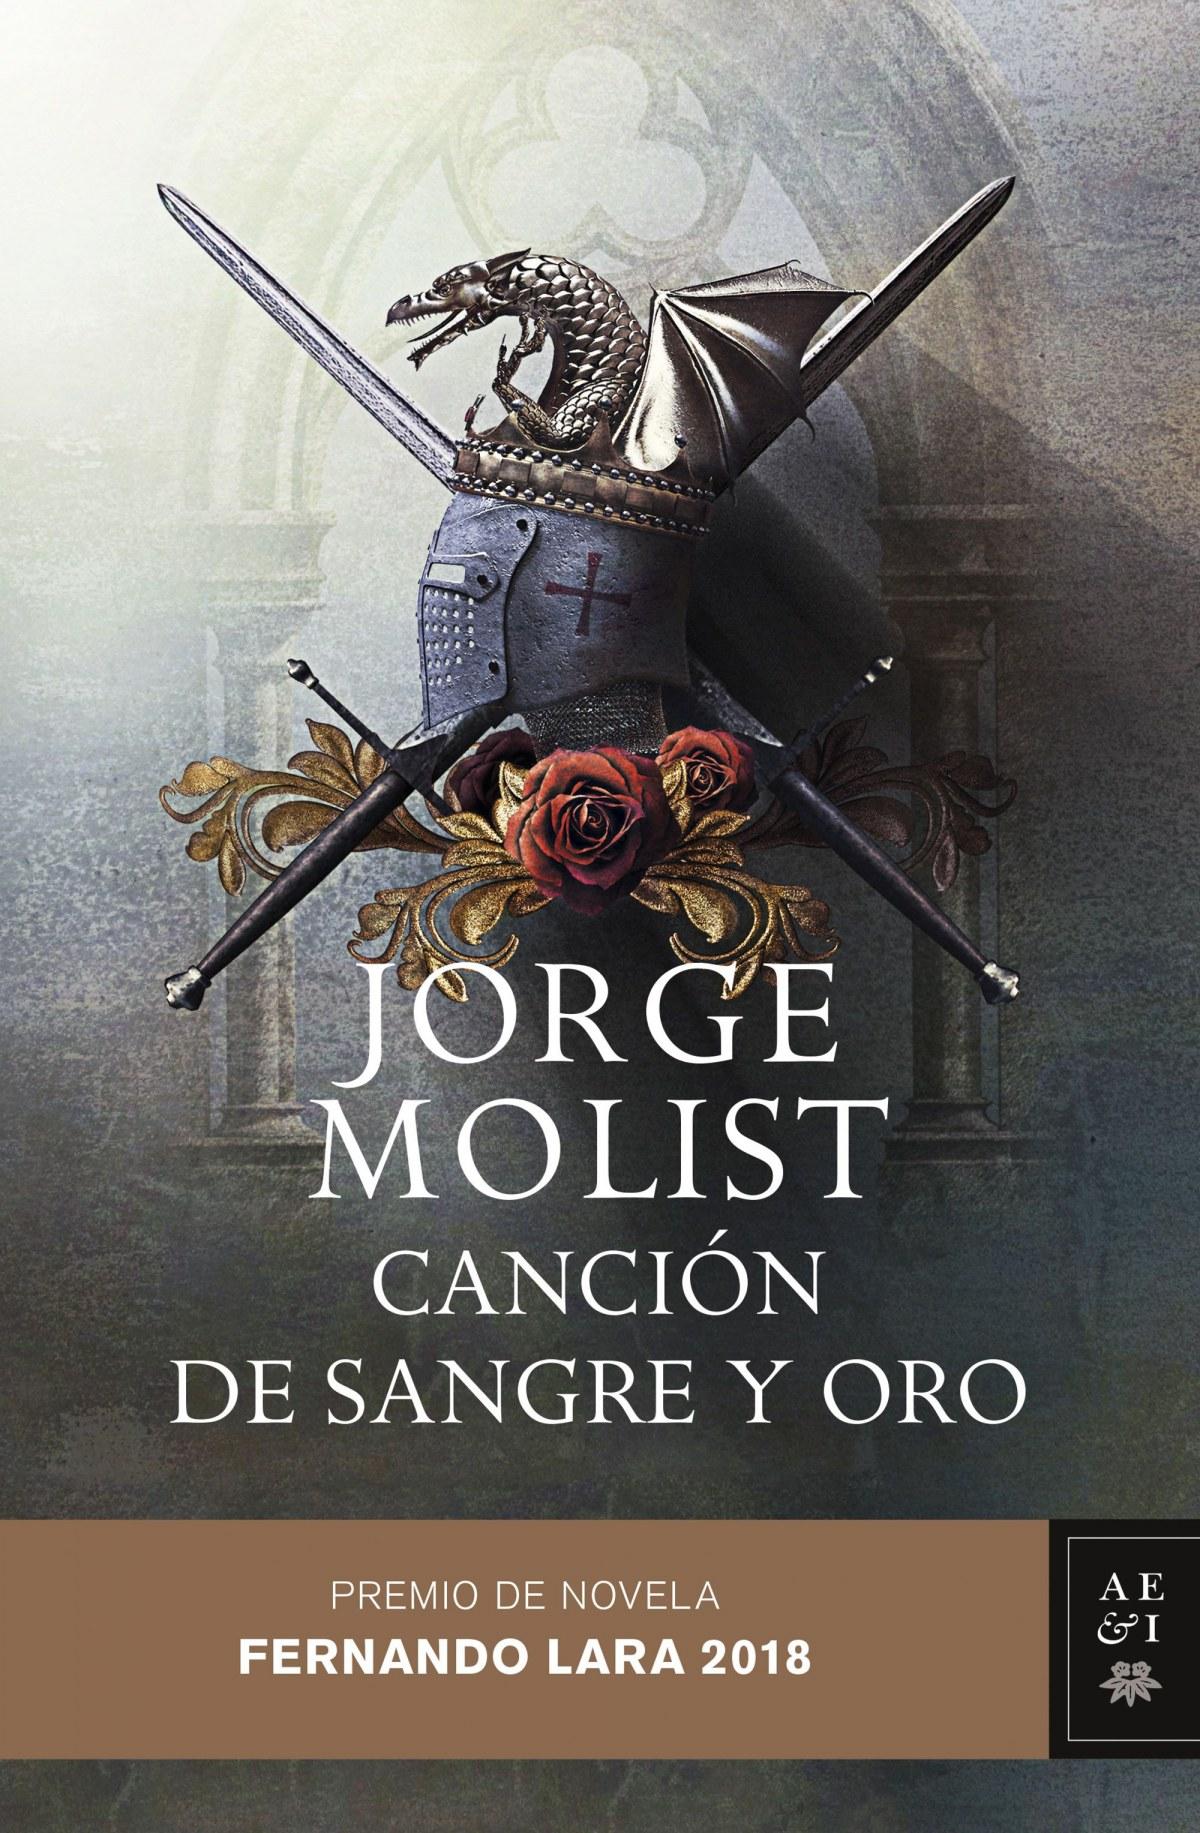 CANCION DE SANGRE Y ORO